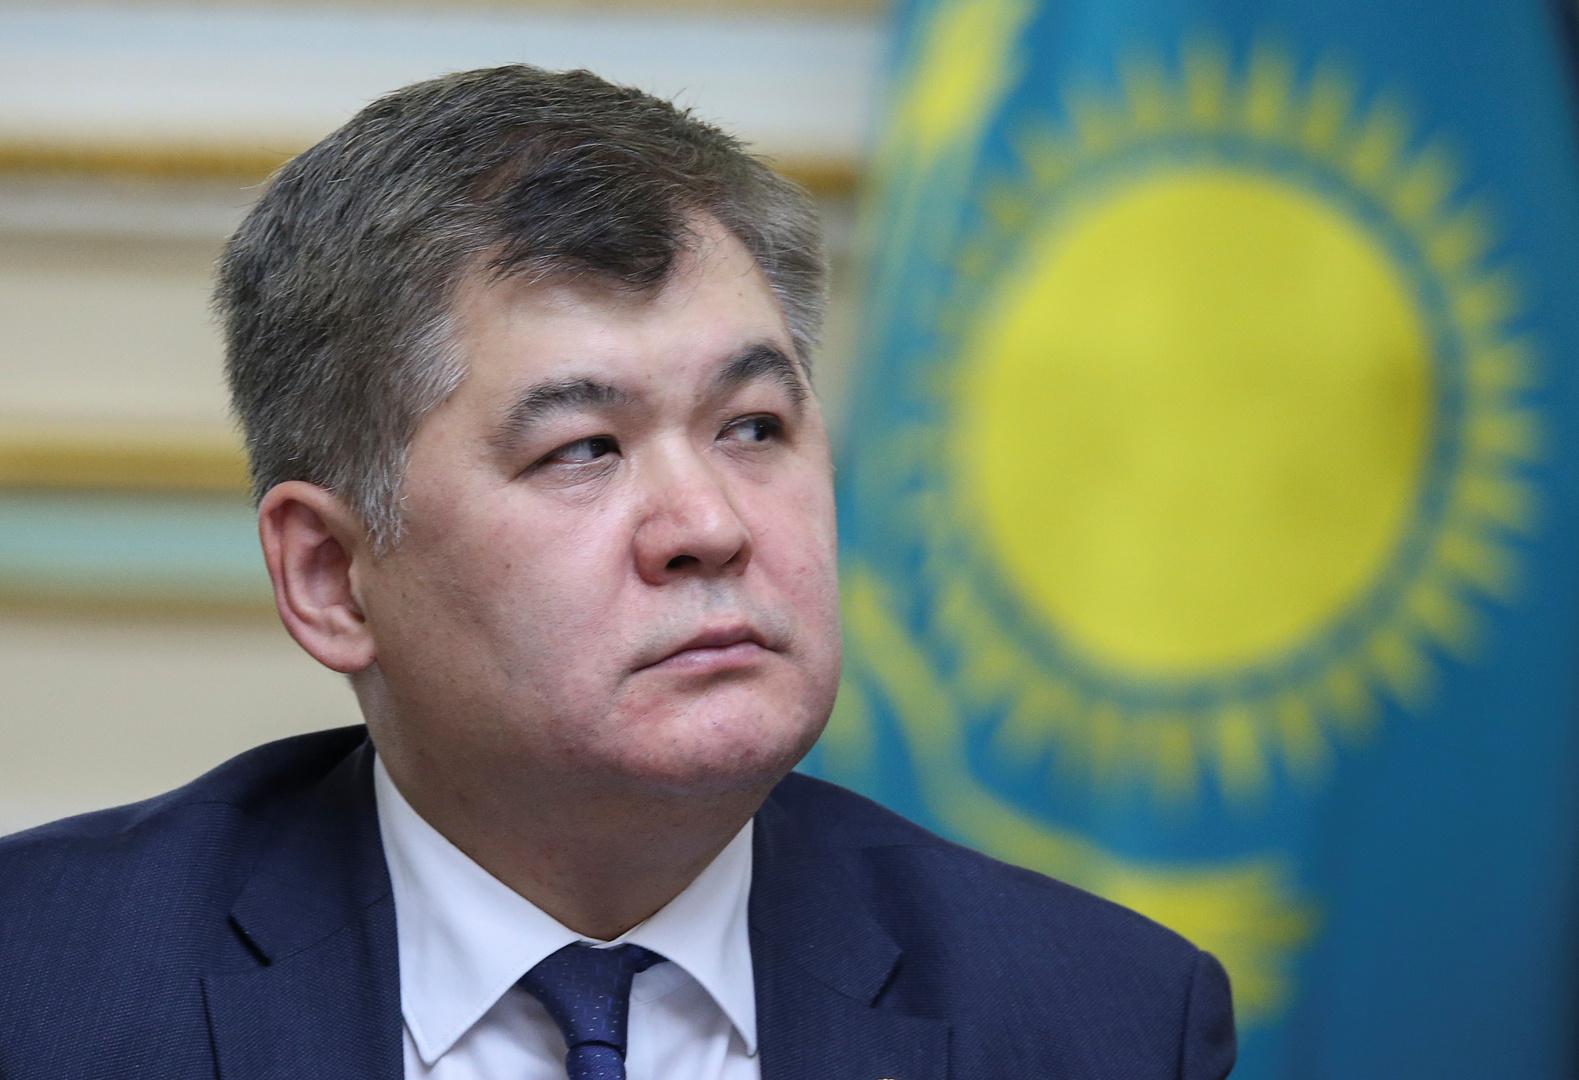 ارتفاع عدد الوزراء في كازاخستان الموجودين في الحجر الصحي بسبب كورونا